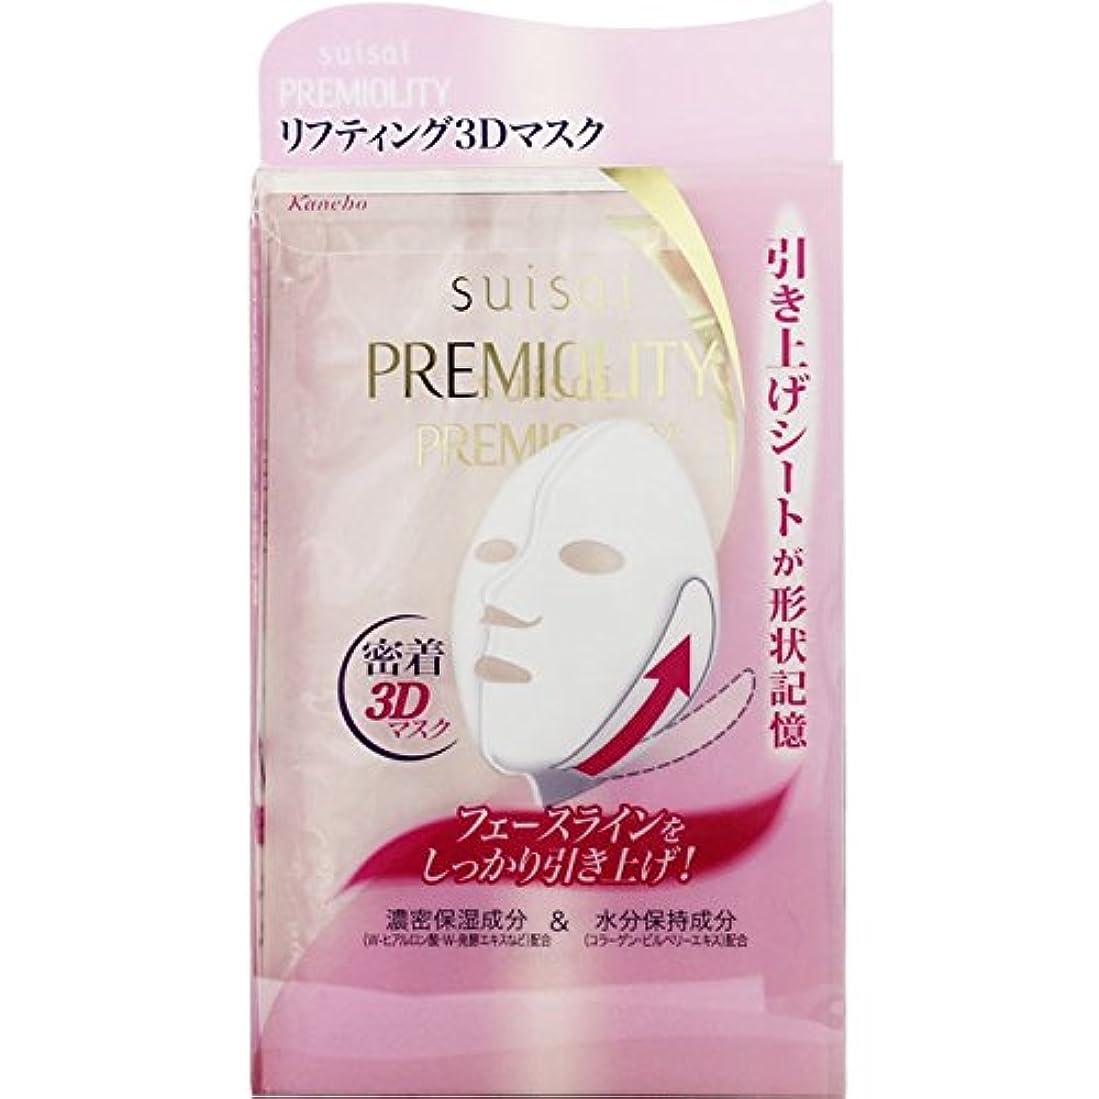 出費フォーク活性化するカネボウ suisai プレミオリティ リフトモイスチャー3Dマスク